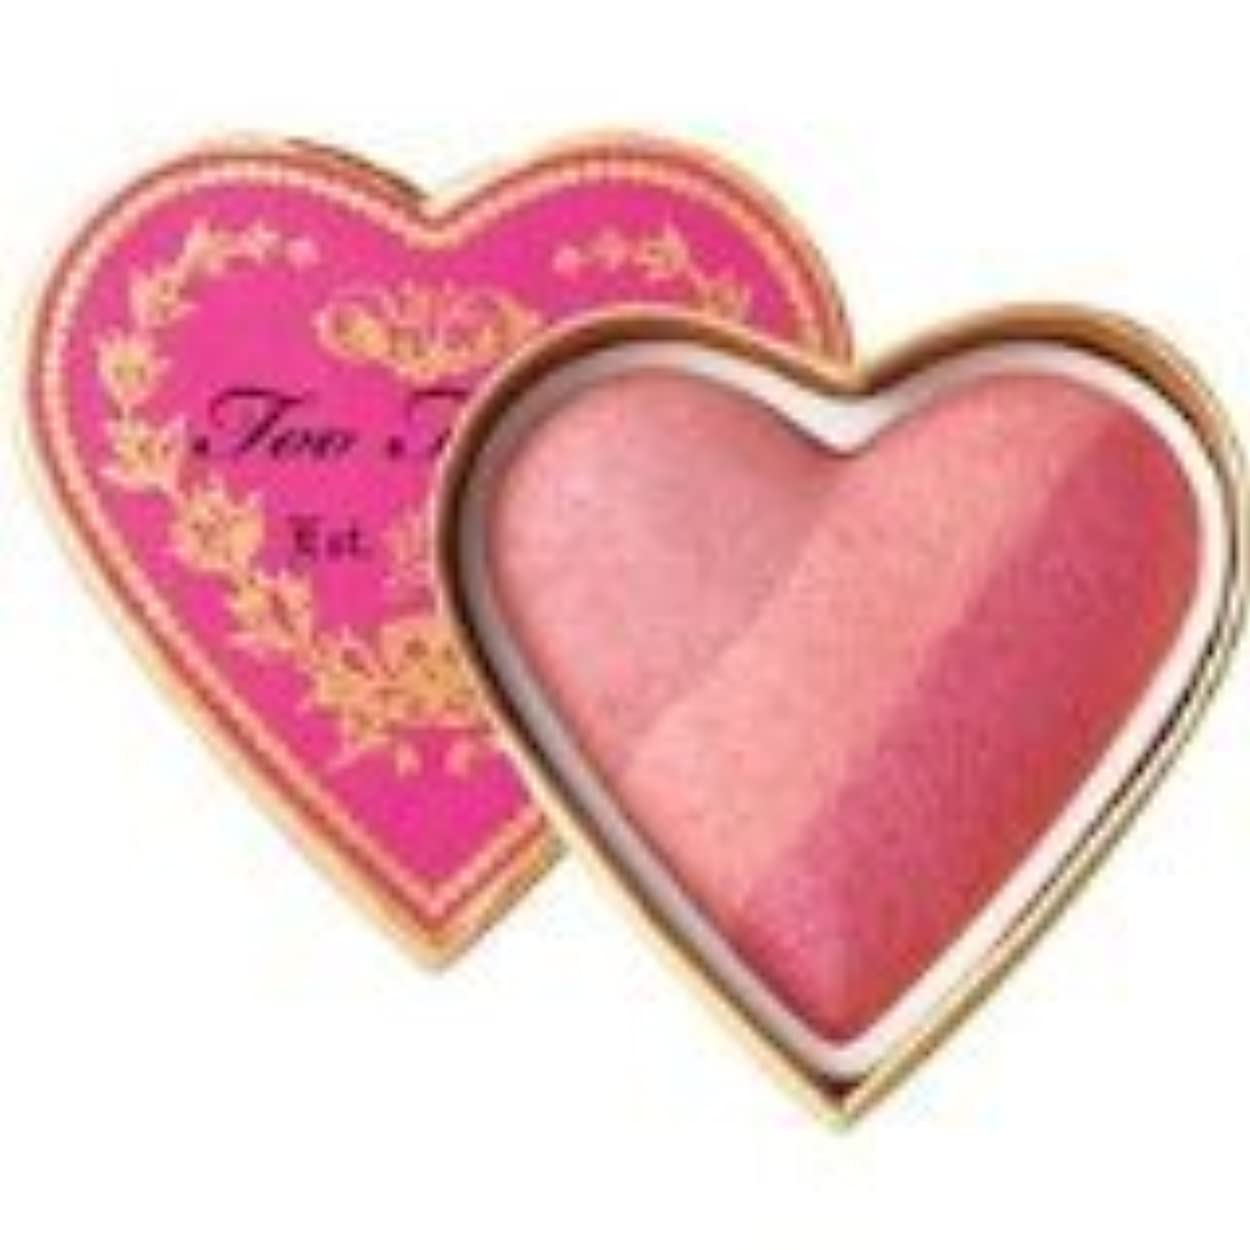 ディプロマ注入する促進するToo faced perfect blush - ST about Berry